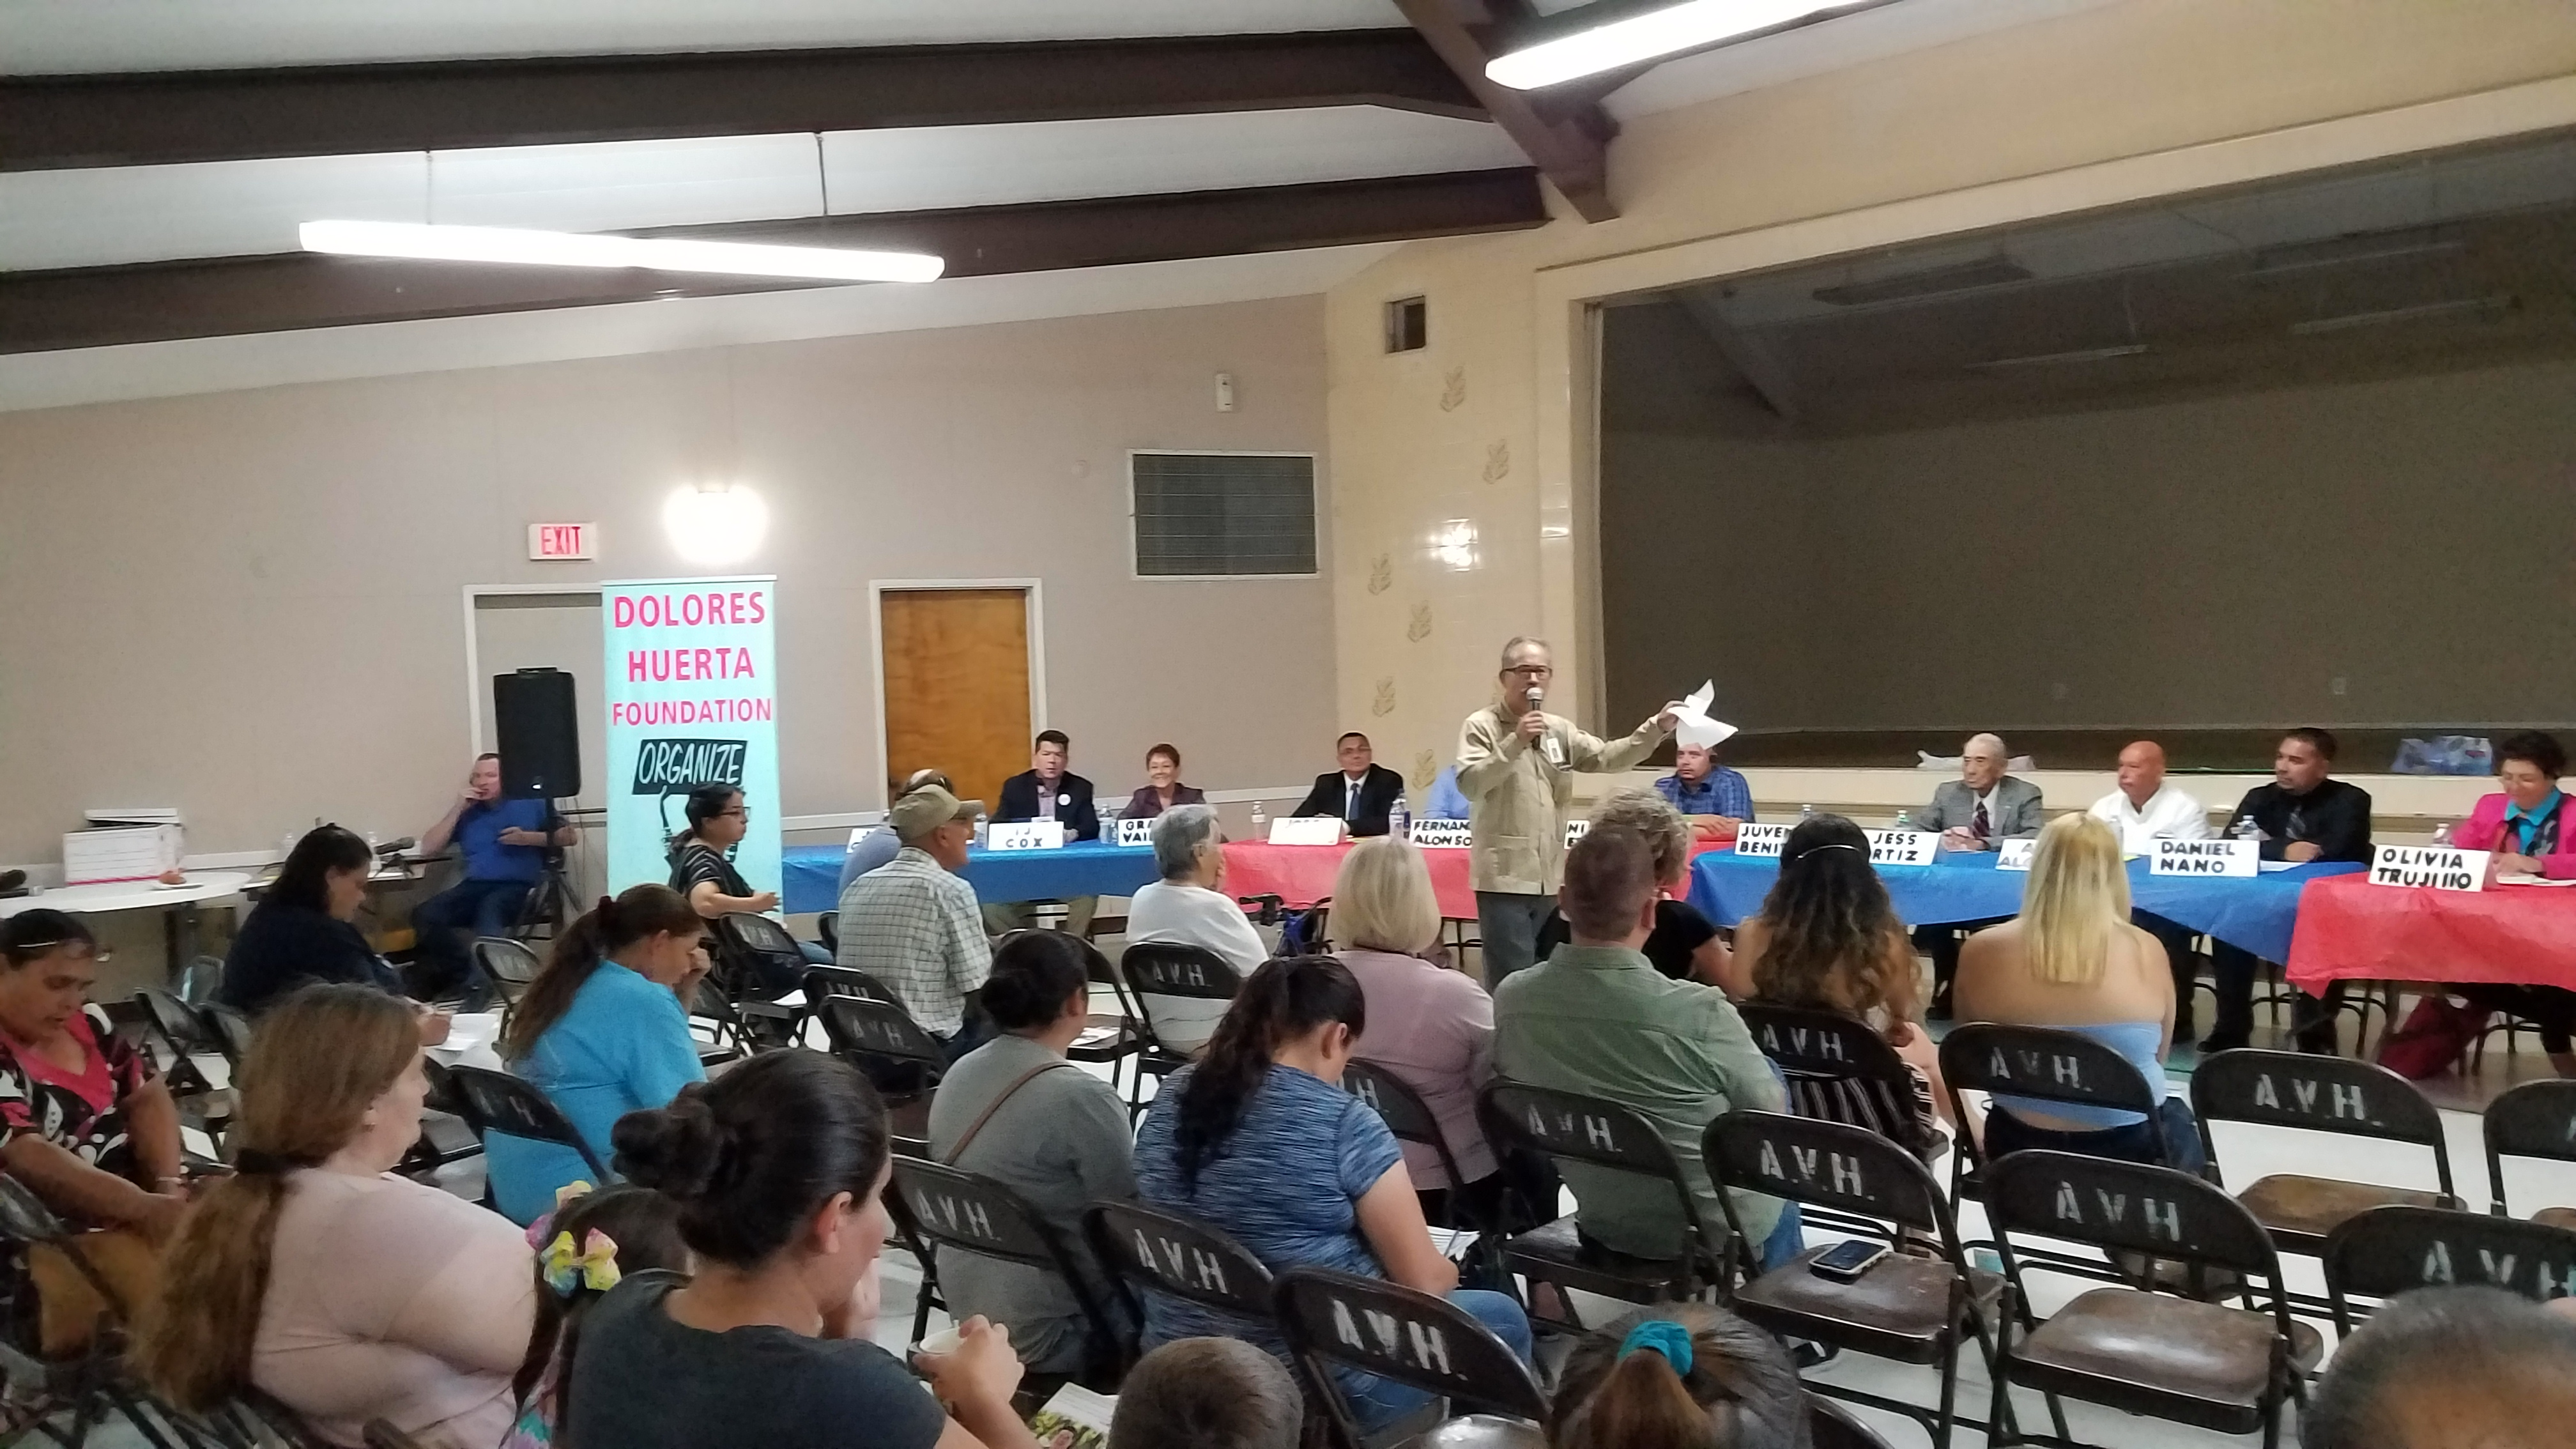 Durante el Foro de Candidatos a puestos de elección, en Arvin, California.